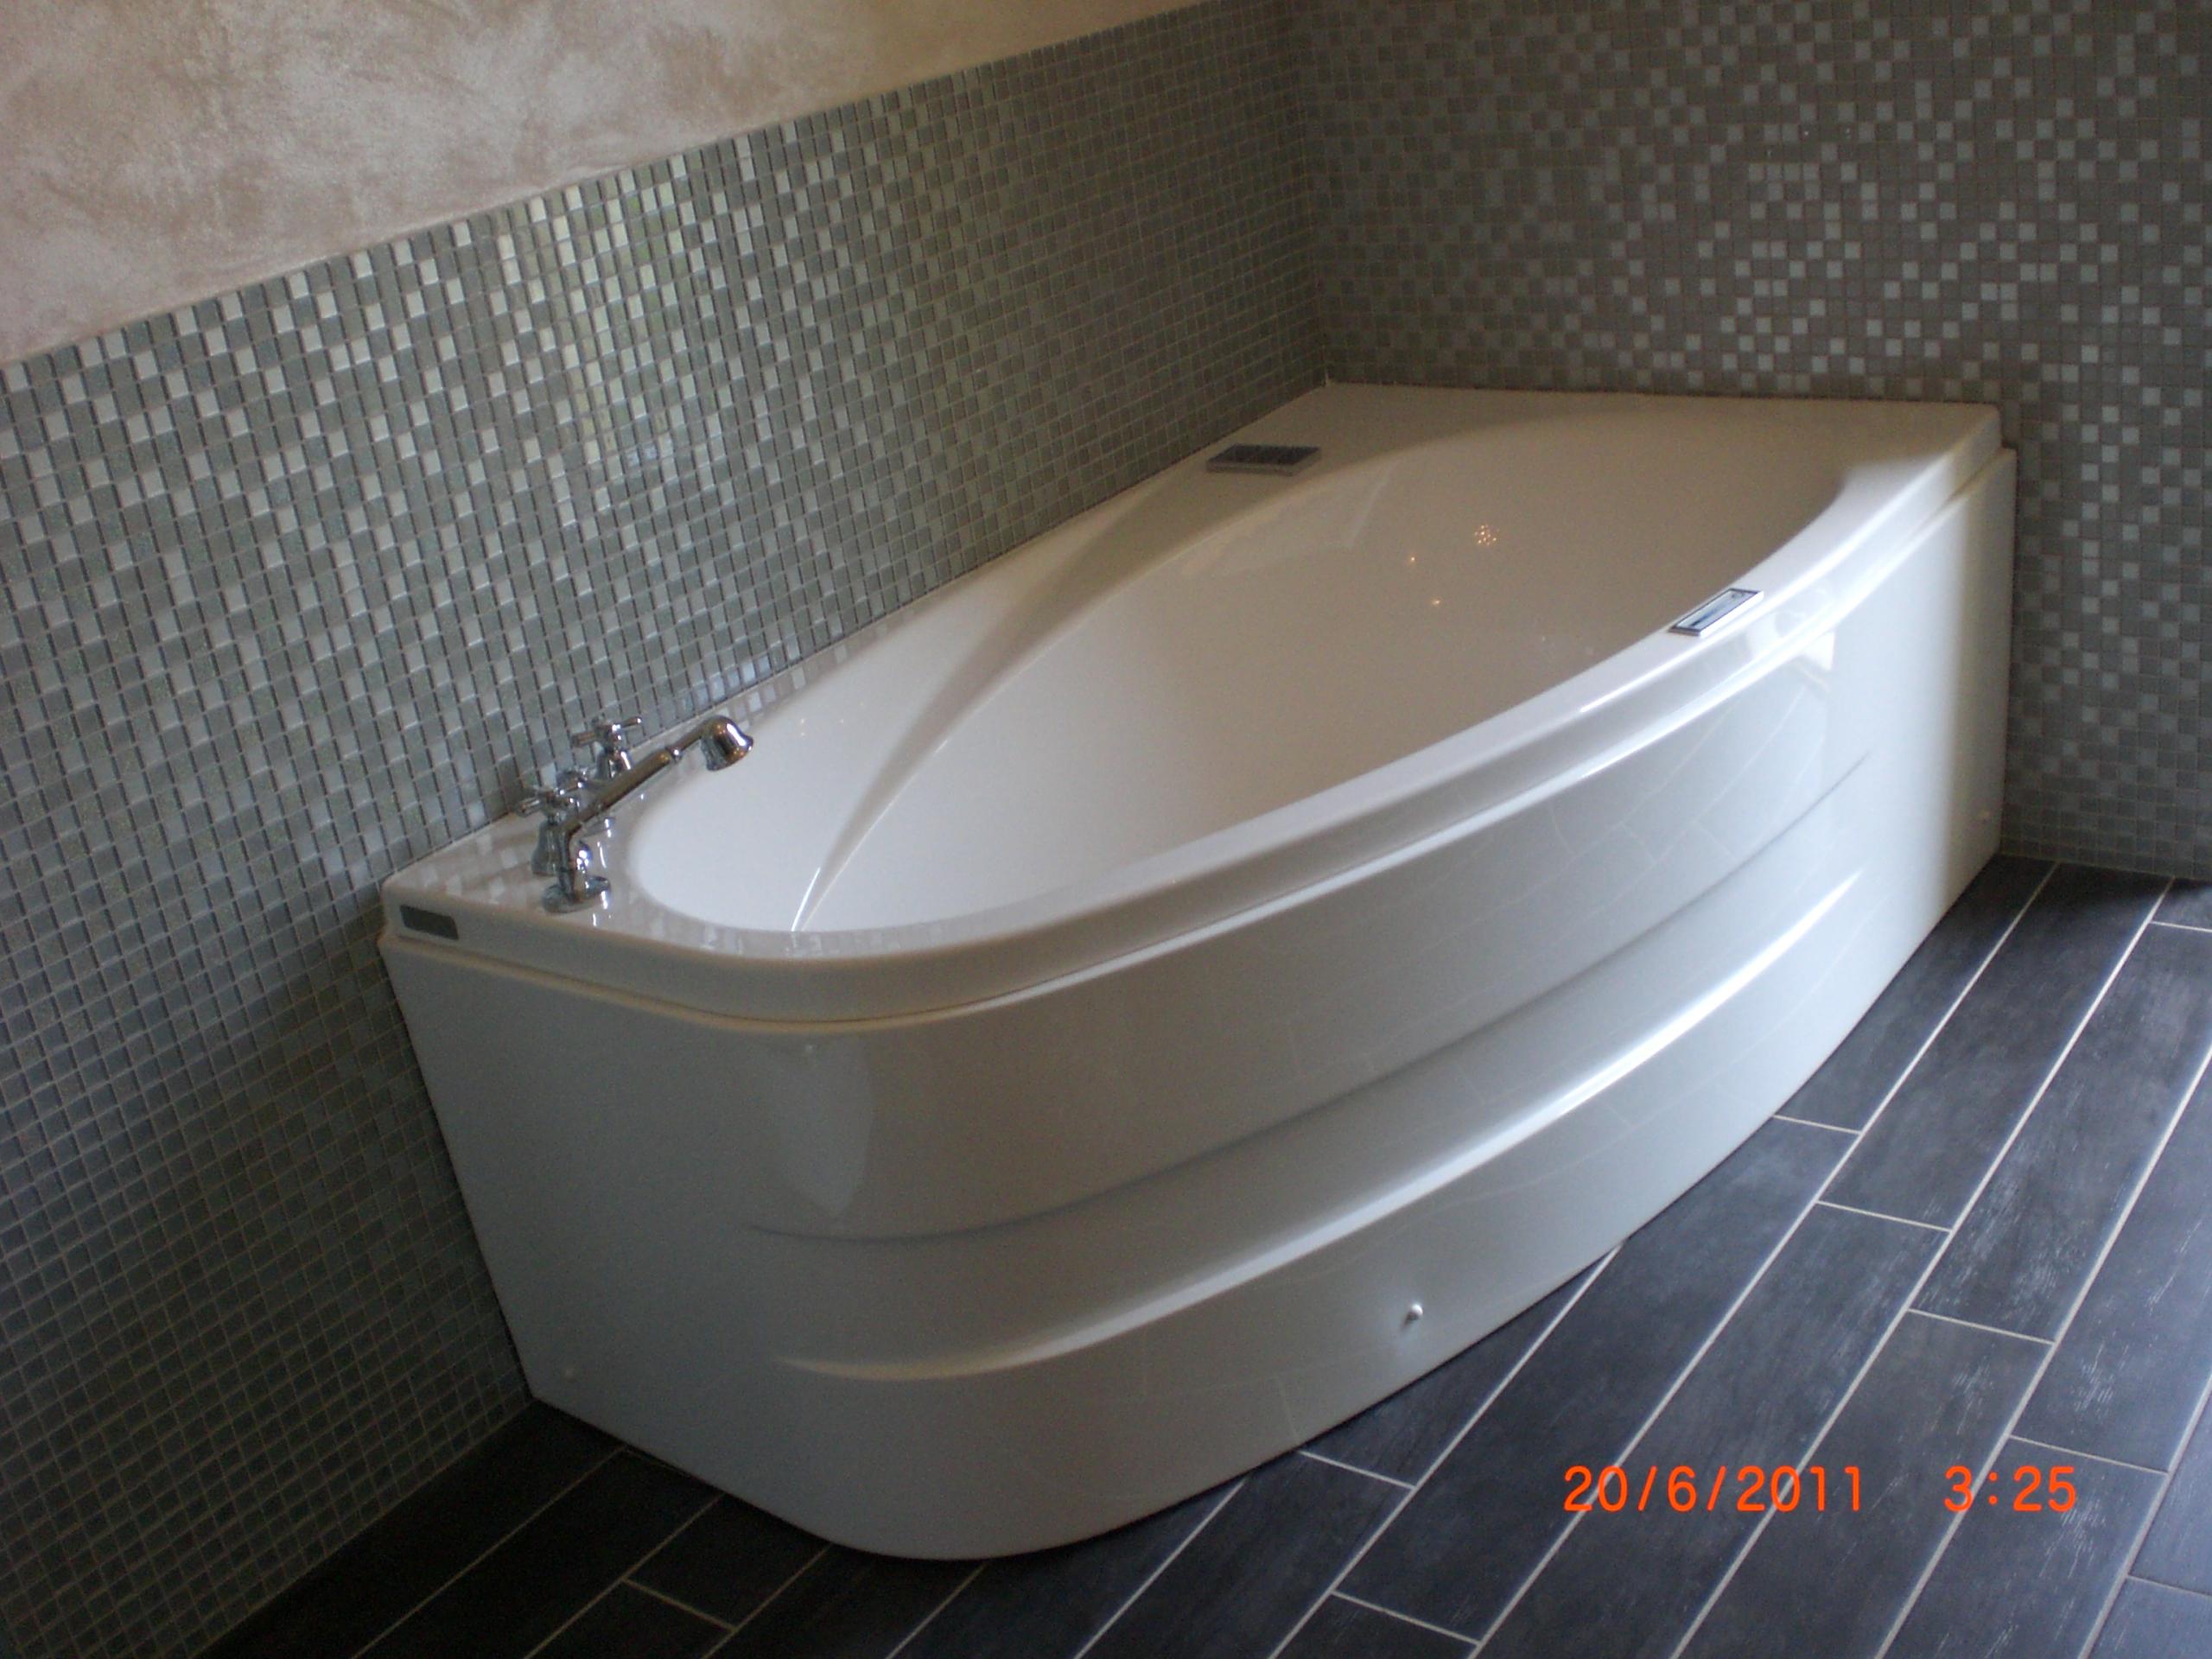 Vasca Da Bagno Grandform : Grandform arredo bagno